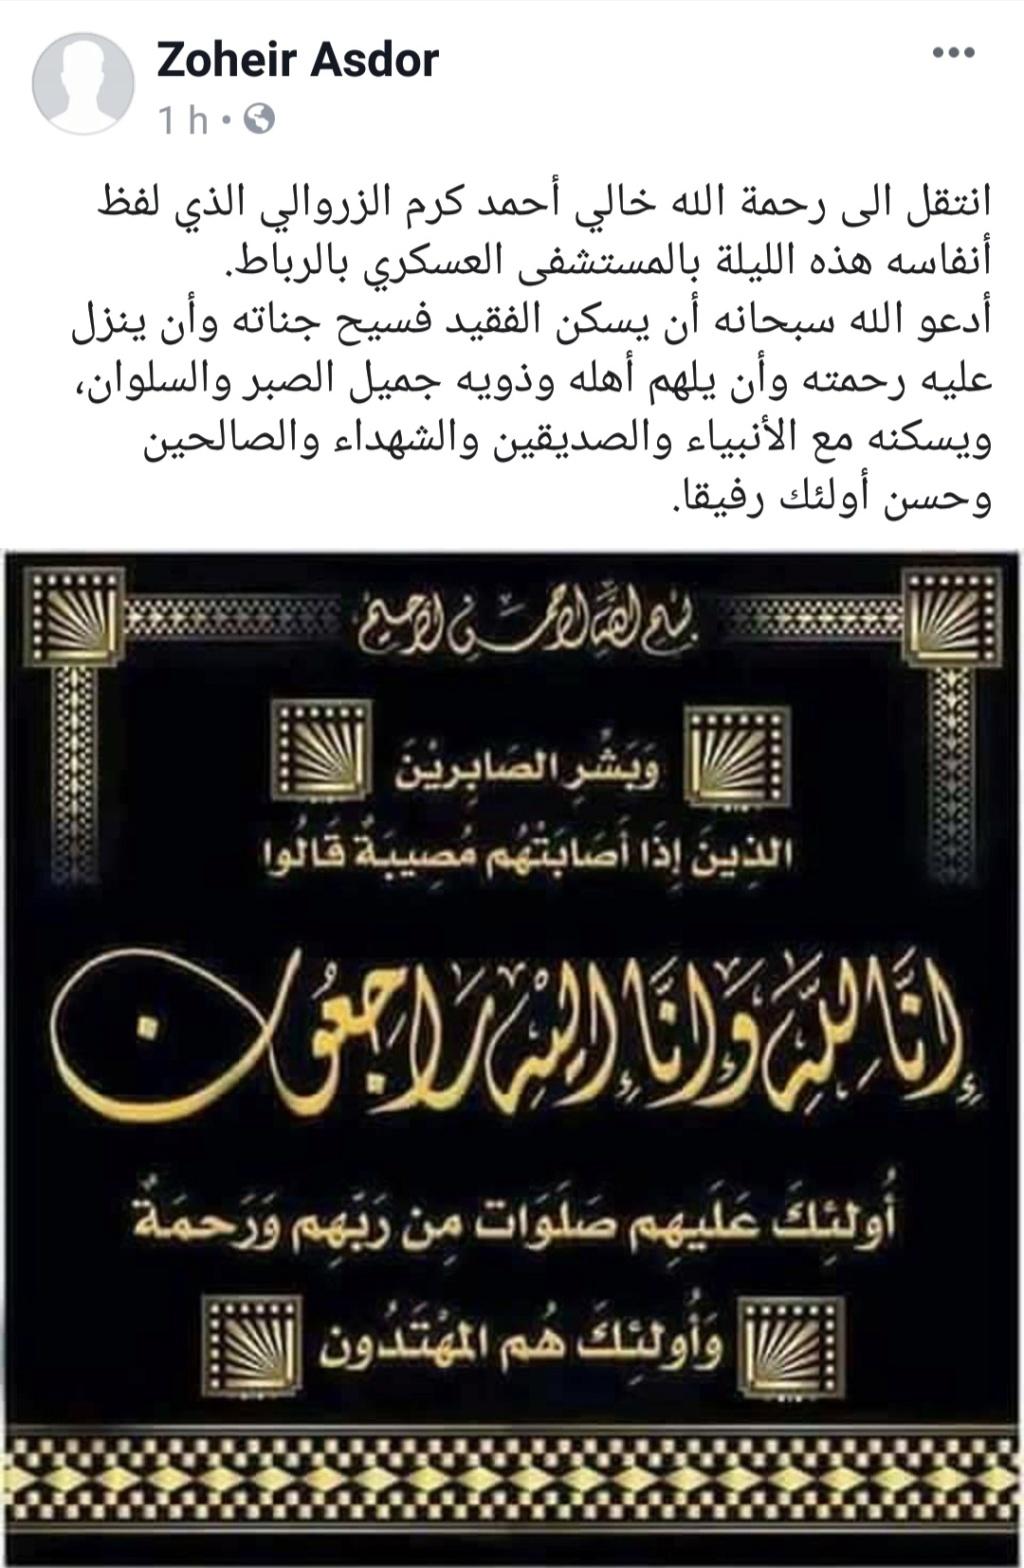 السيد أحمد كرم الزروالي في ذمة الله Img_2010